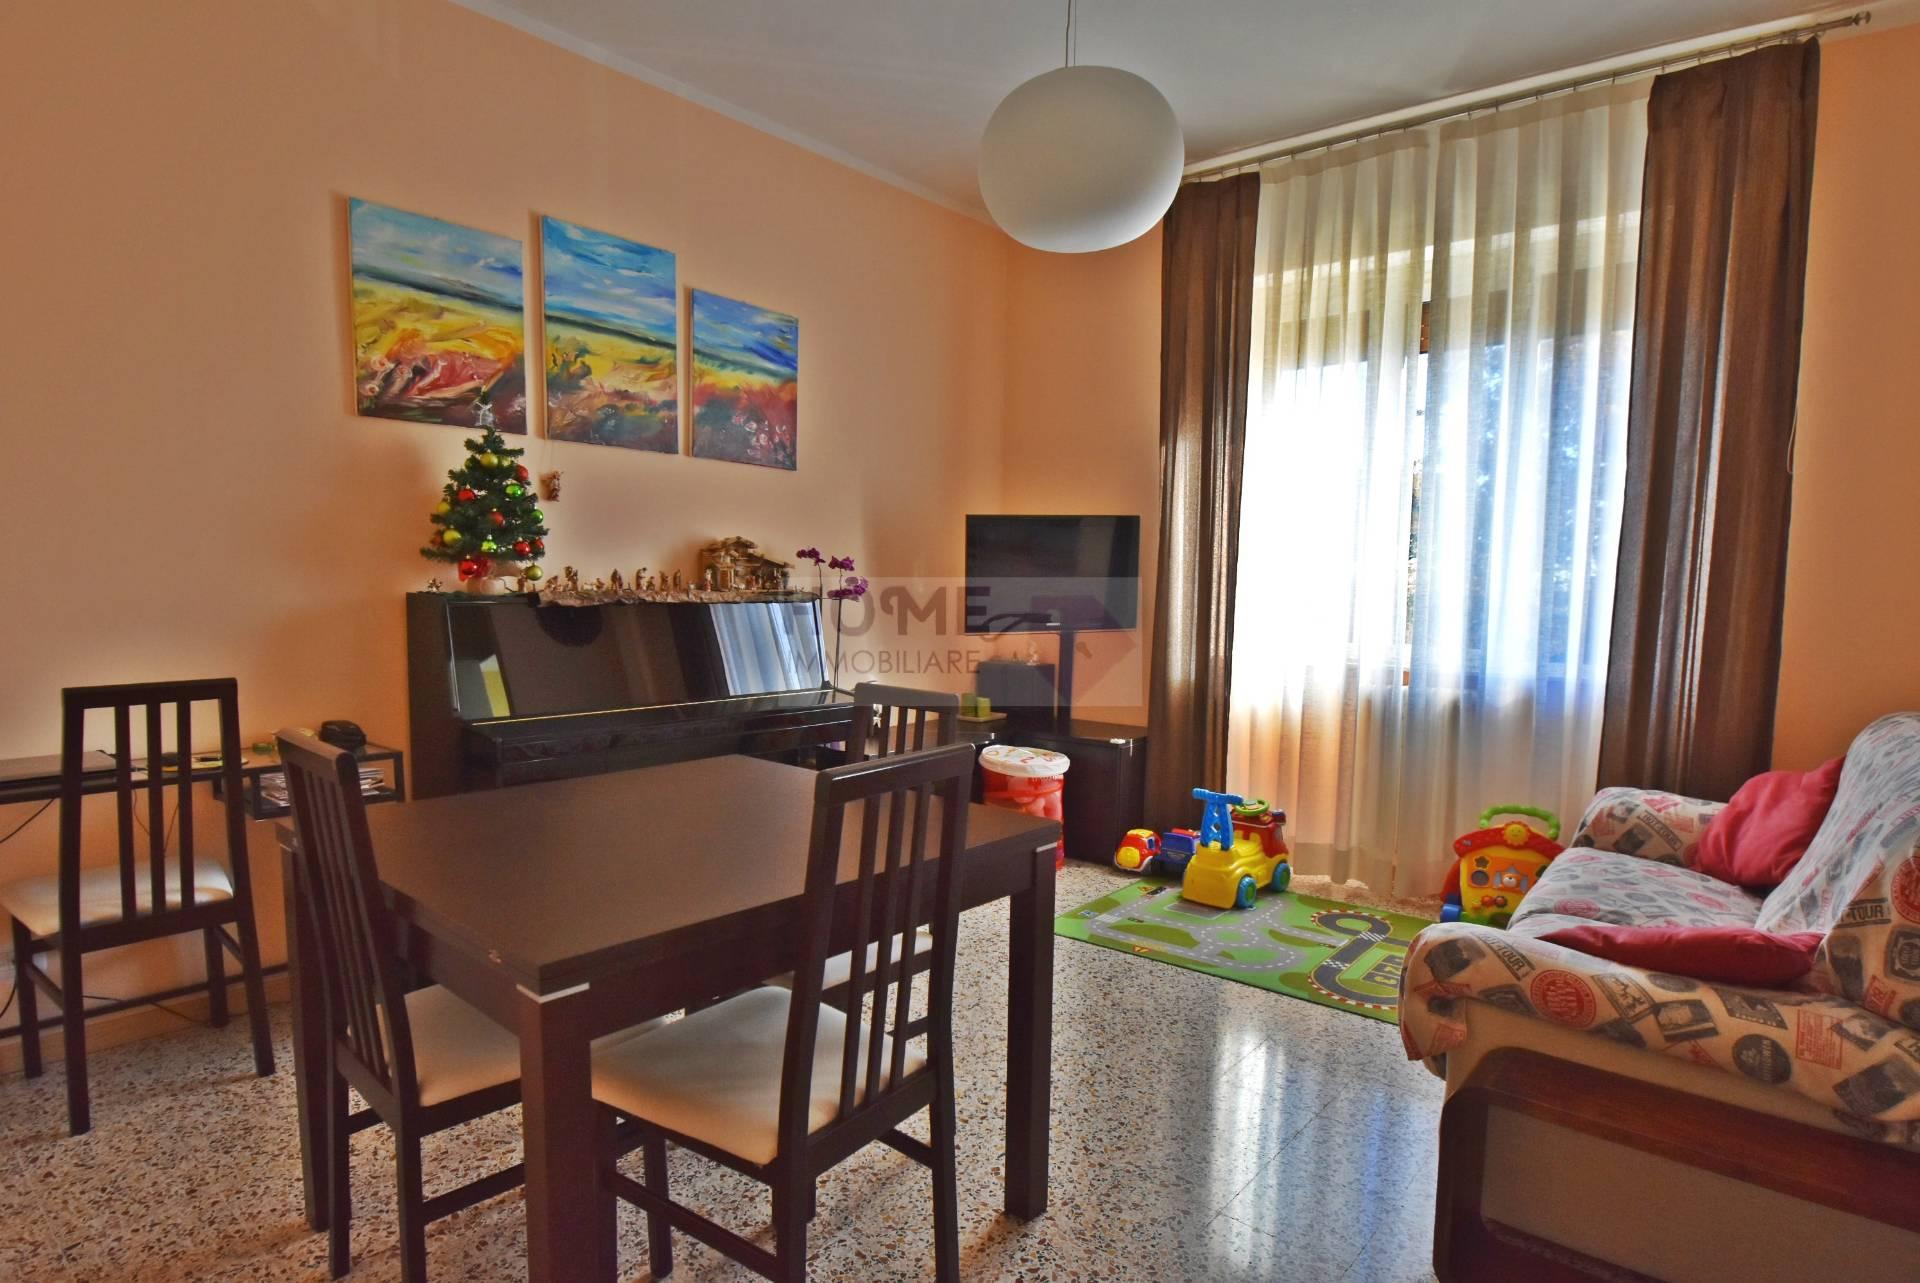 Appartamento in vendita a Macerata, 4 locali, zona Zona: Semicentrale, prezzo € 107.000 | Cambio Casa.it